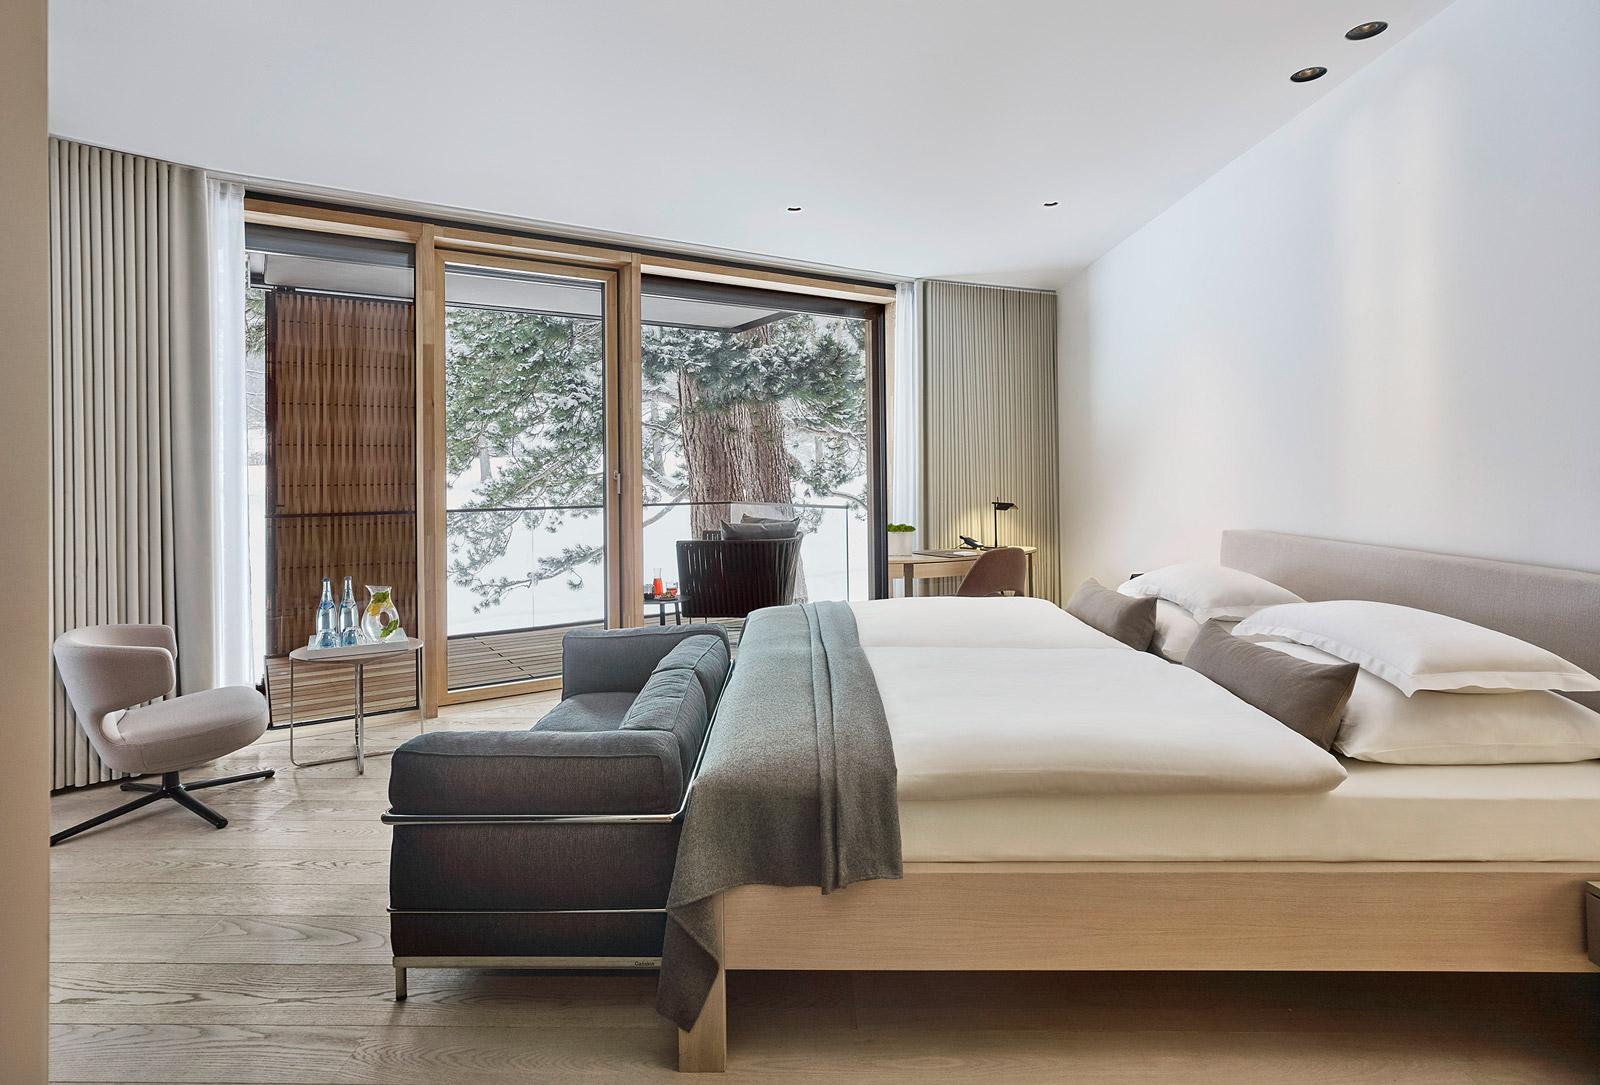 Bild der Lanser Suite mit Bett und Balkon